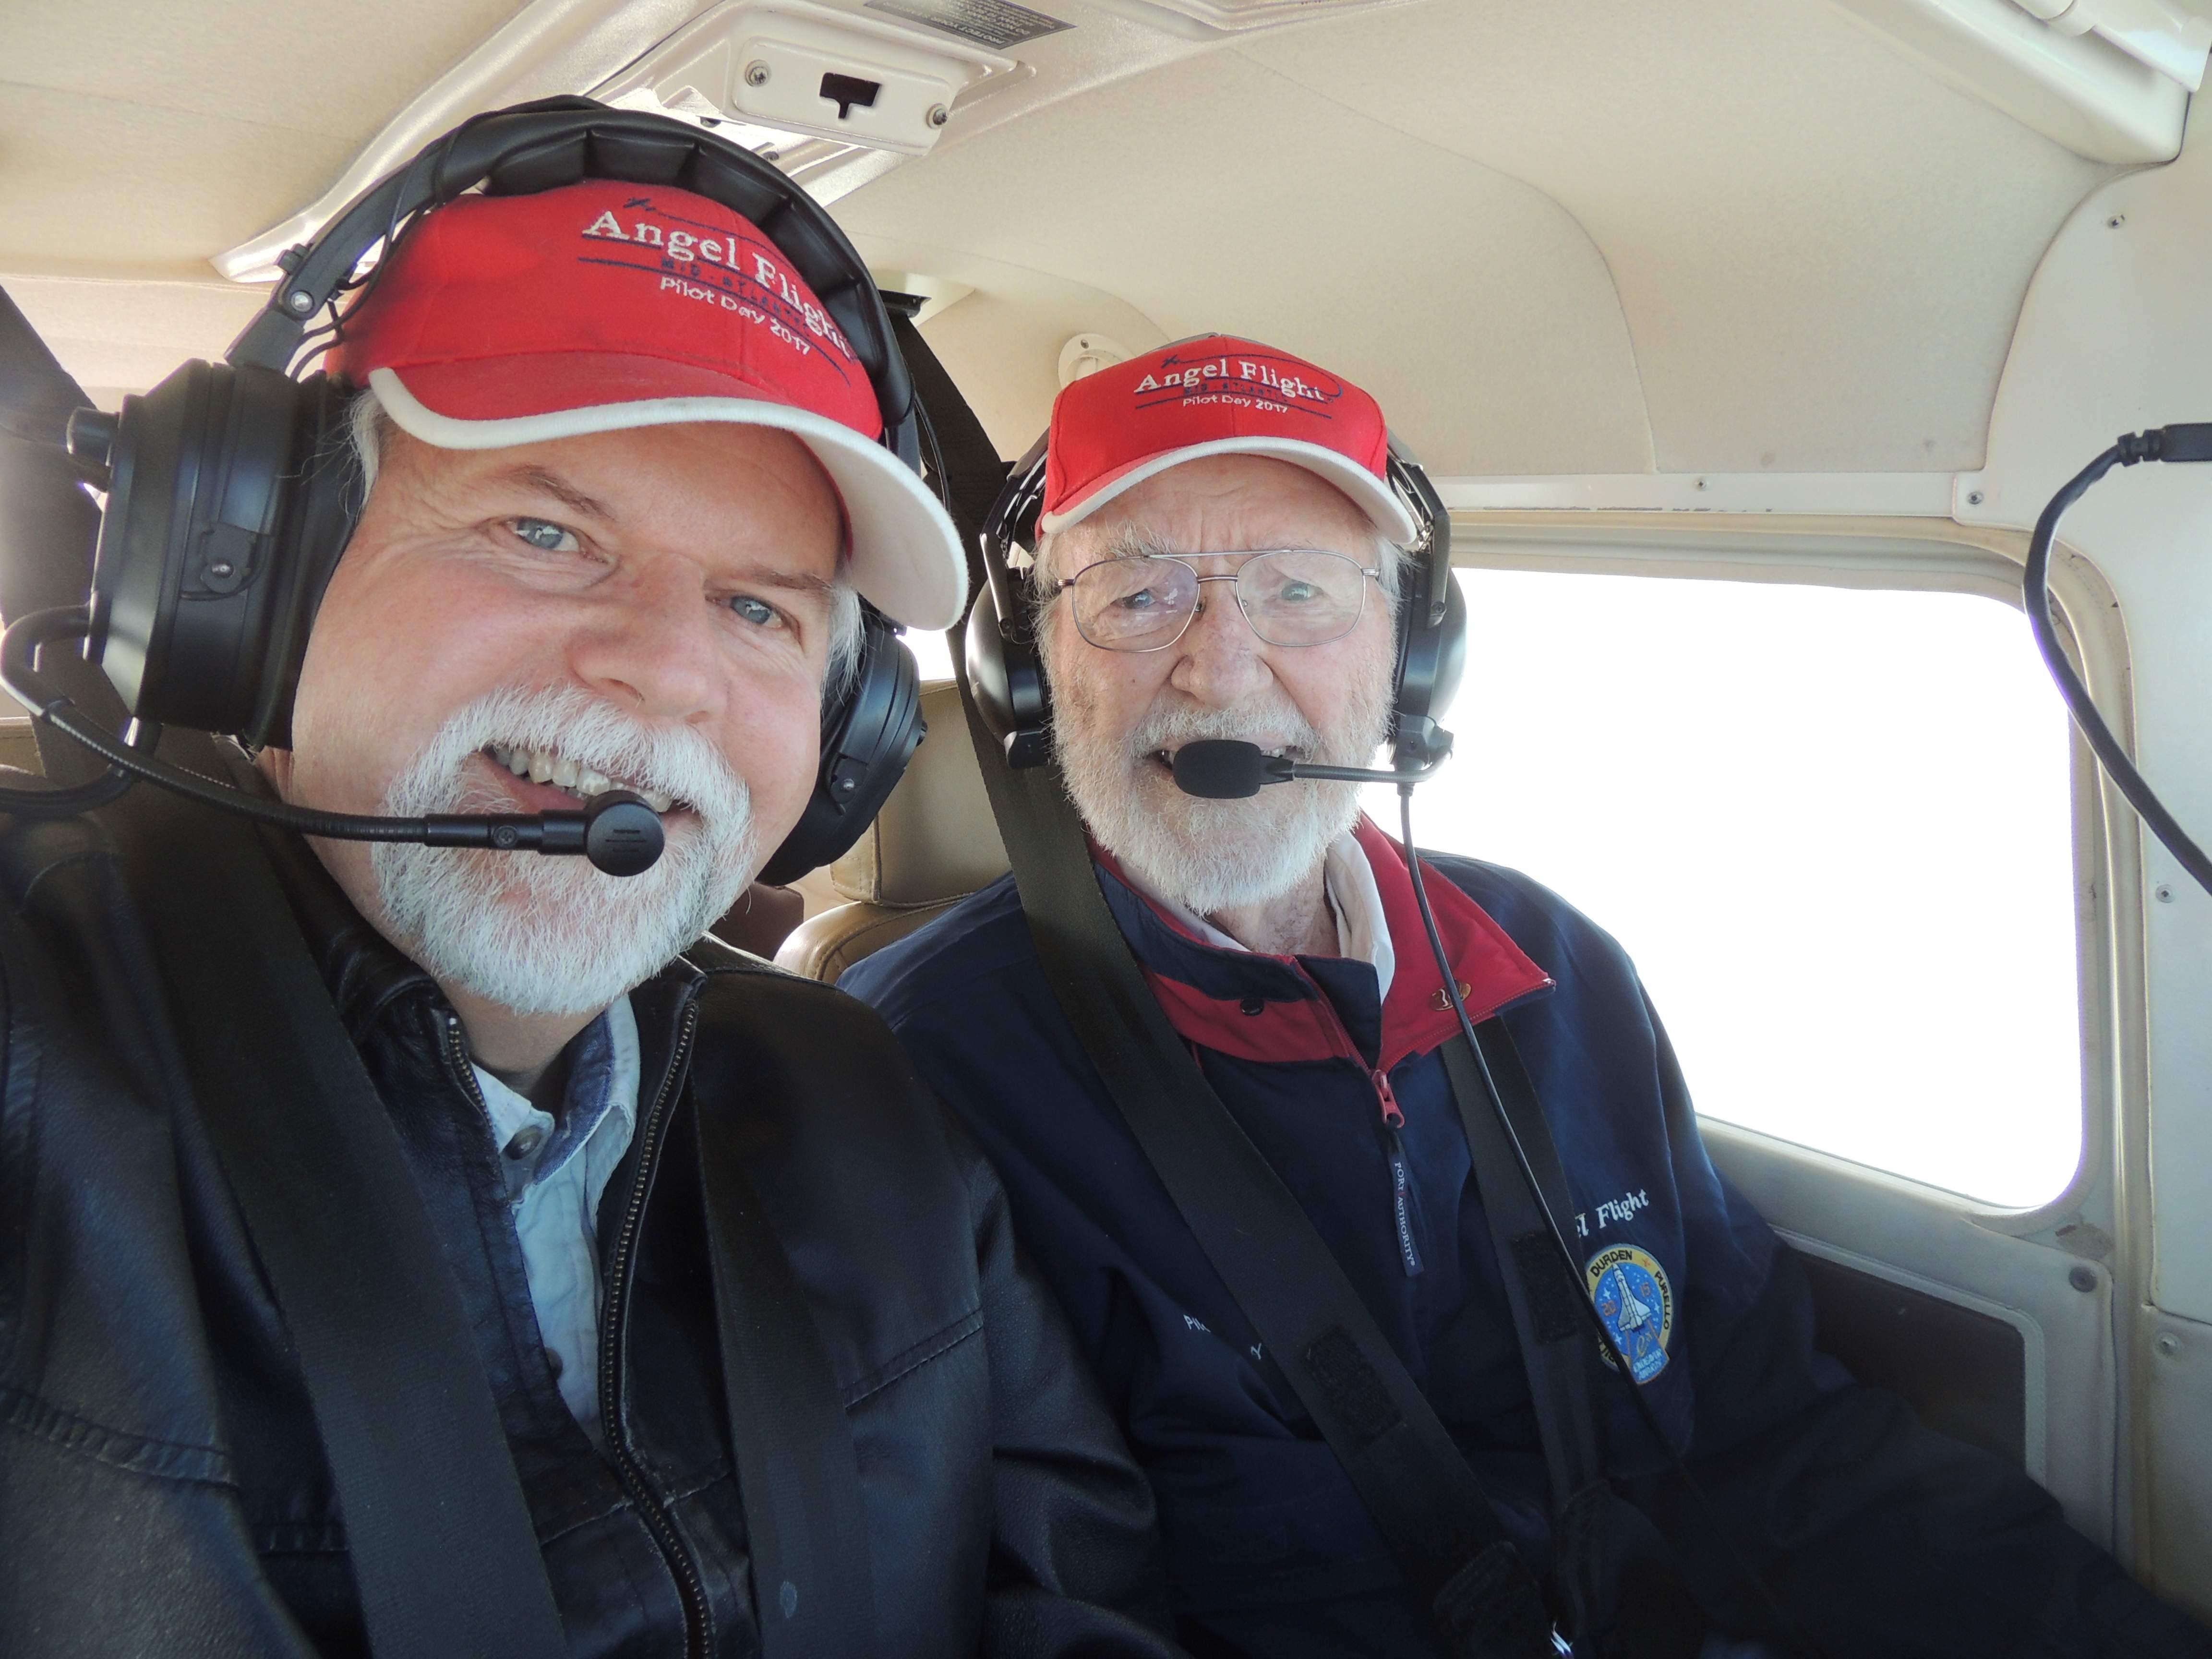 Heading to Wheeling WVa in 40 knot headwinds ....... Angel Flight Feb 5th 2018